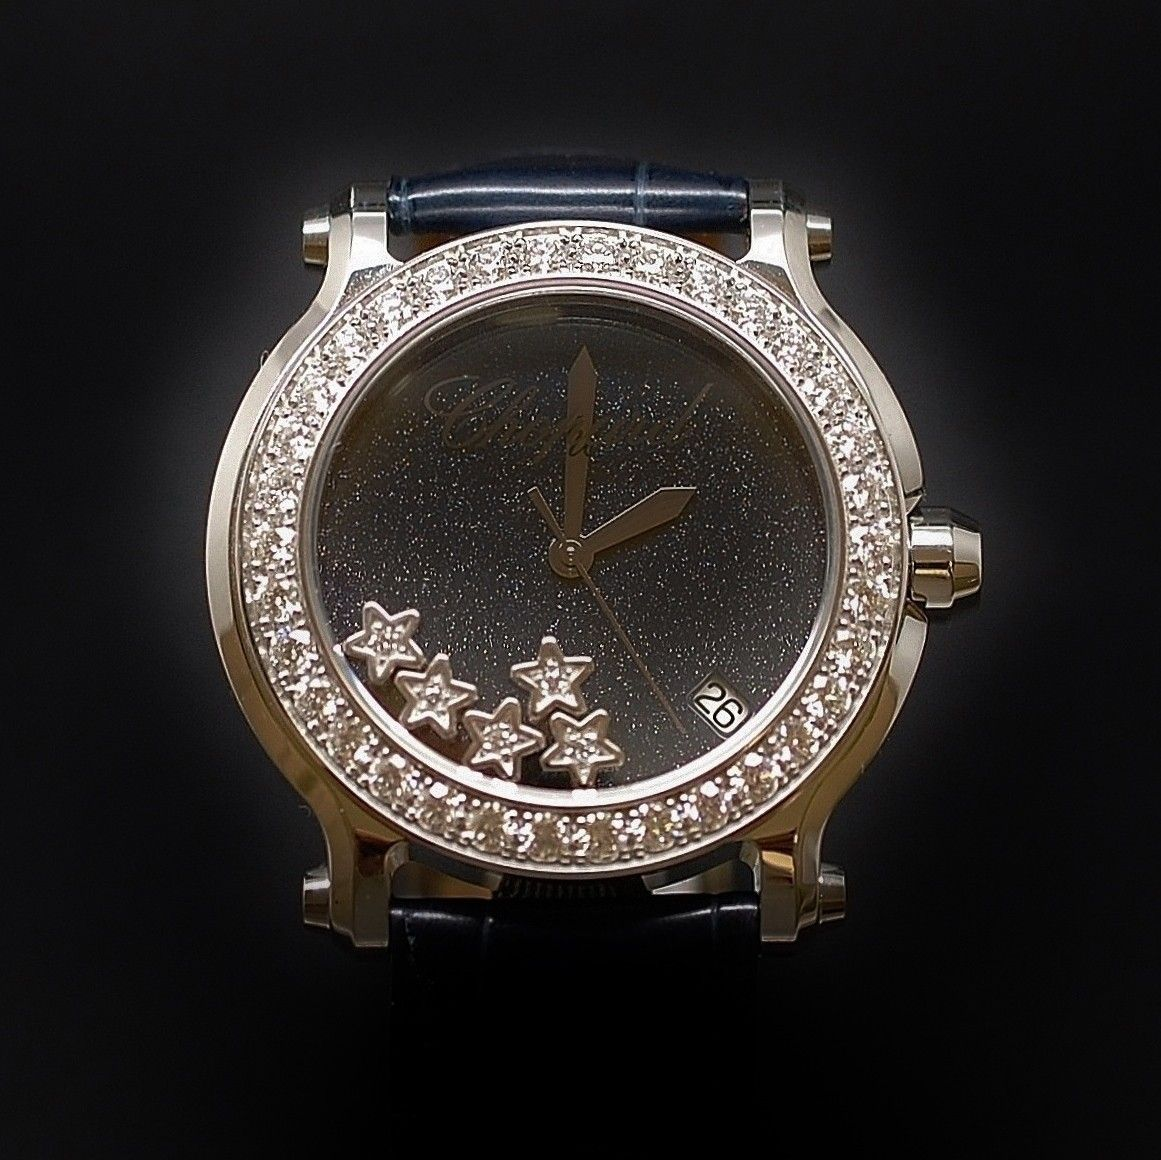 Série limitée à 500 exemplaires pour le 150ème anniversaire de la marque  avec 1.80 carat de diamants brillants extrablancs. 224f8239769